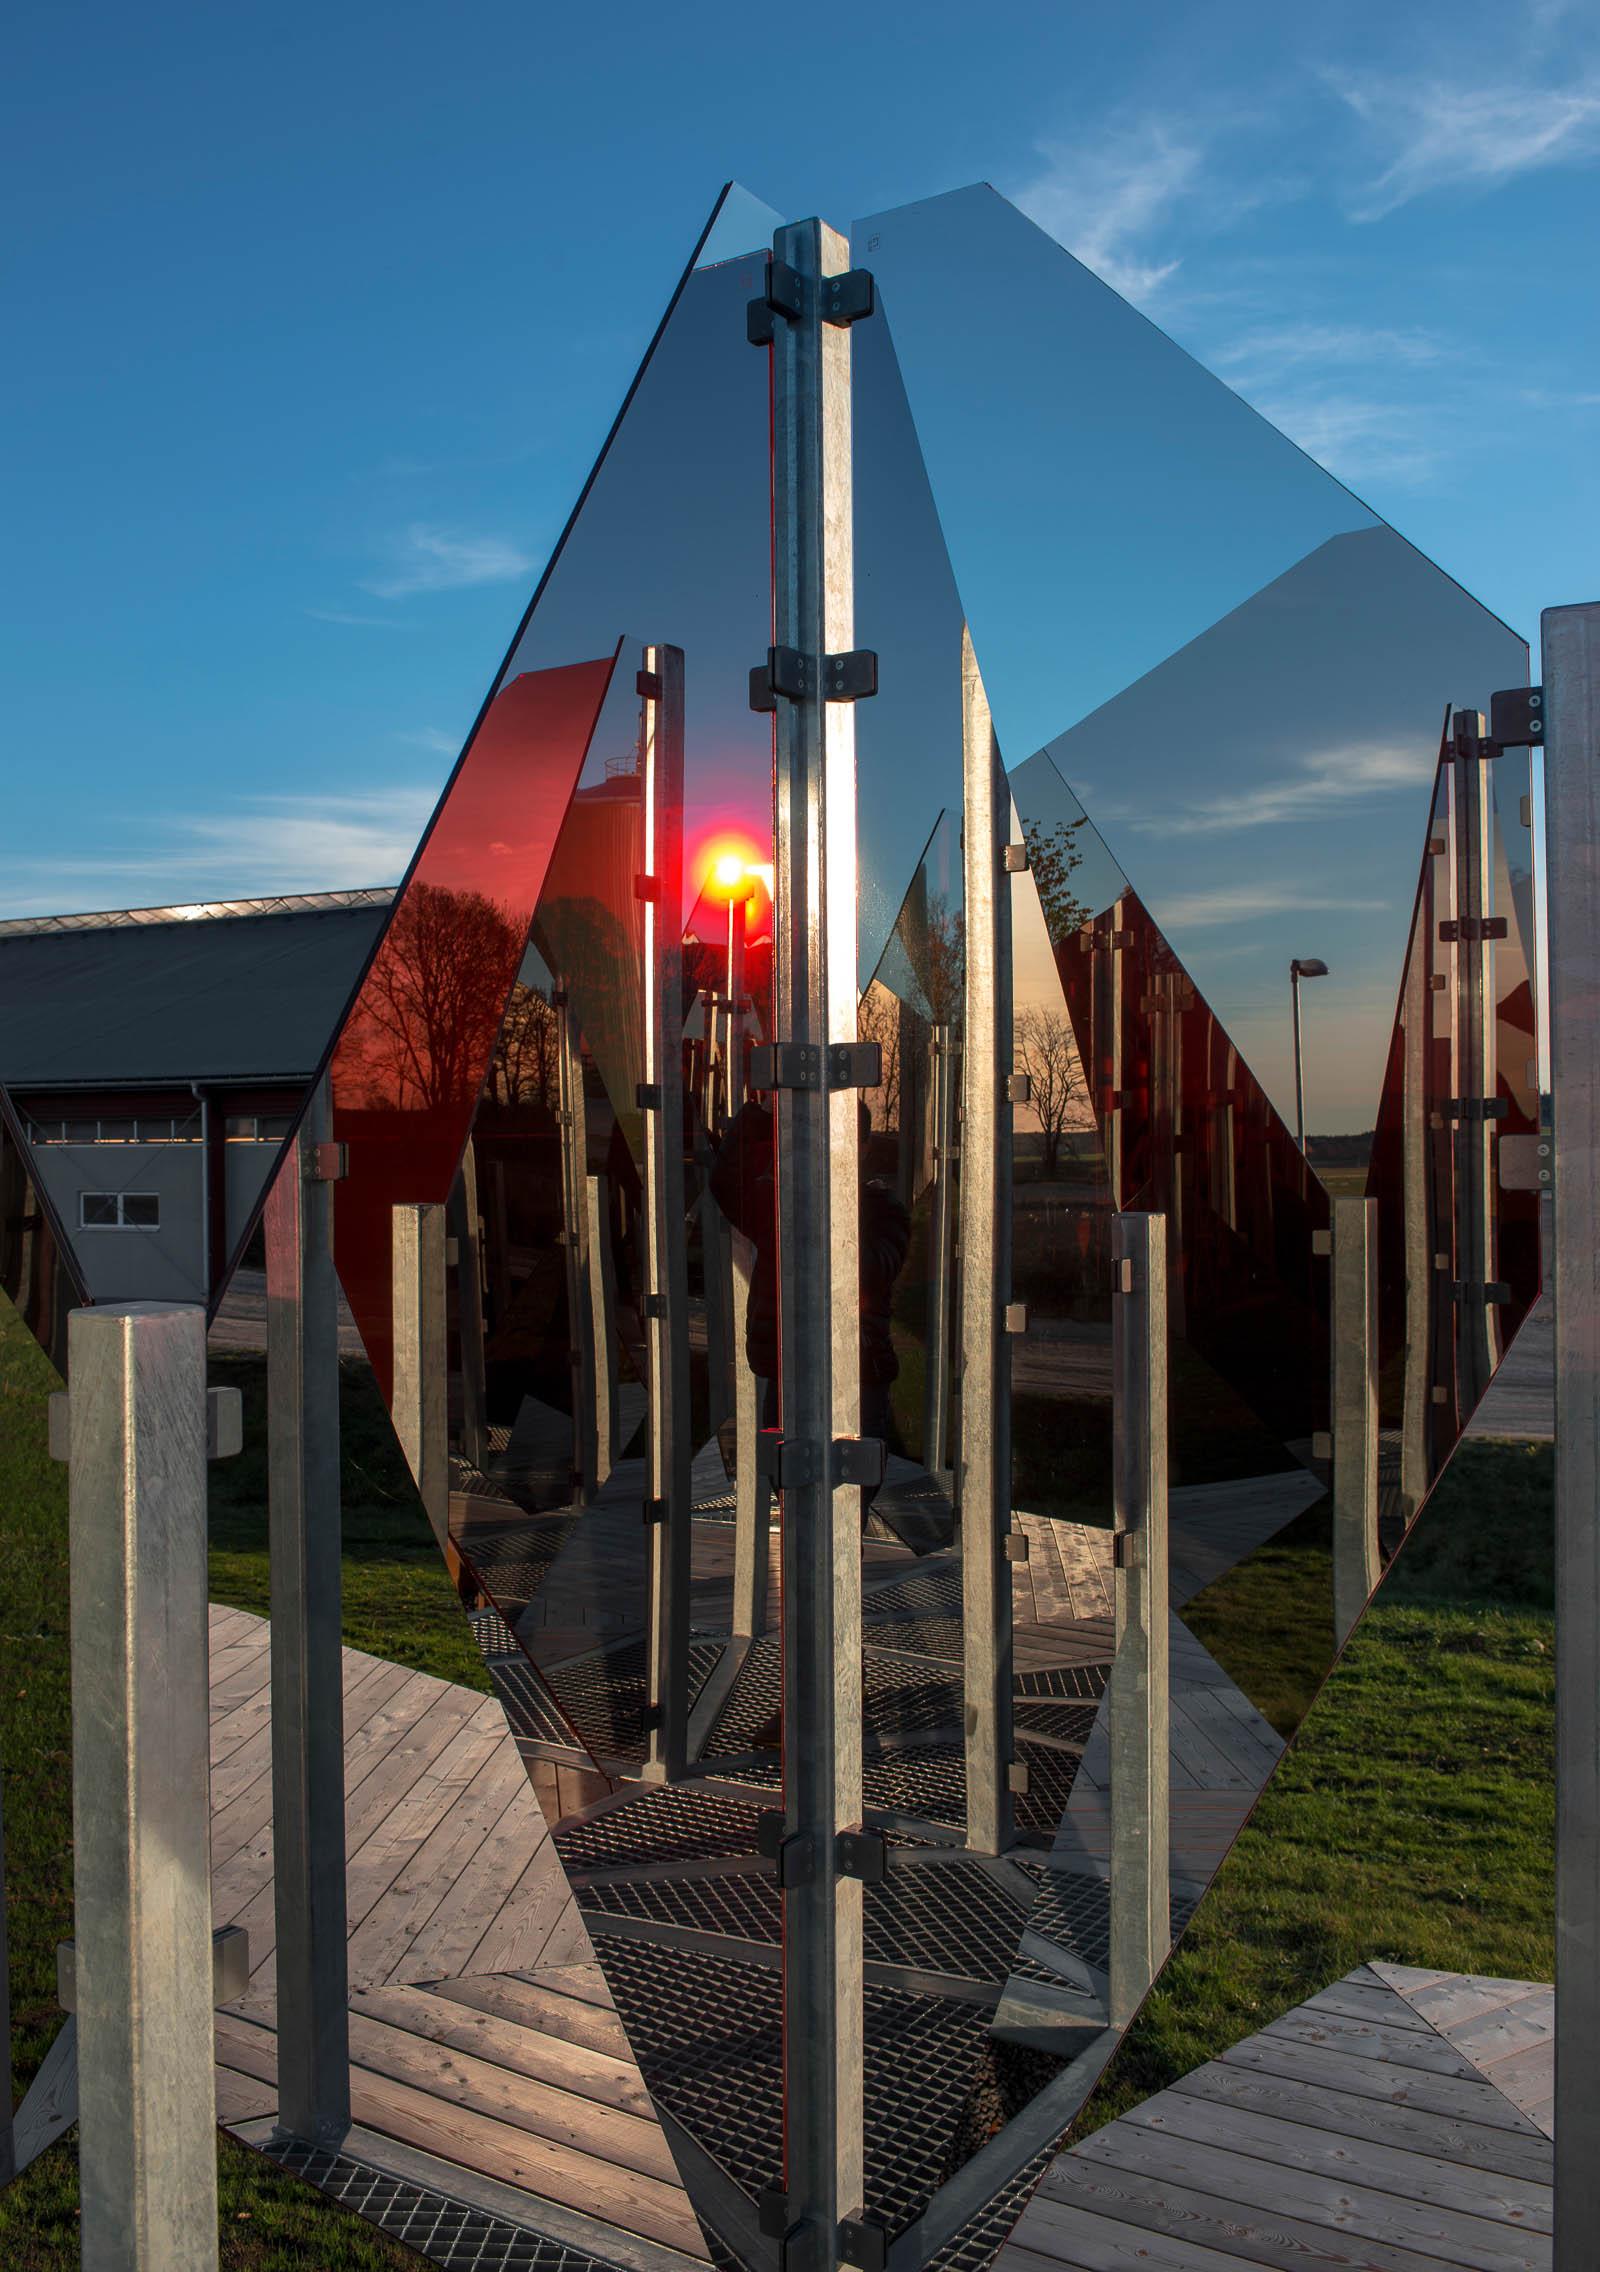 På nära håll skapas en mosaik av speglingar från olika håll. Även den sjunkande solen fångas av glaset. Patrik Aarnivaara, Tidsglänta, 2013.